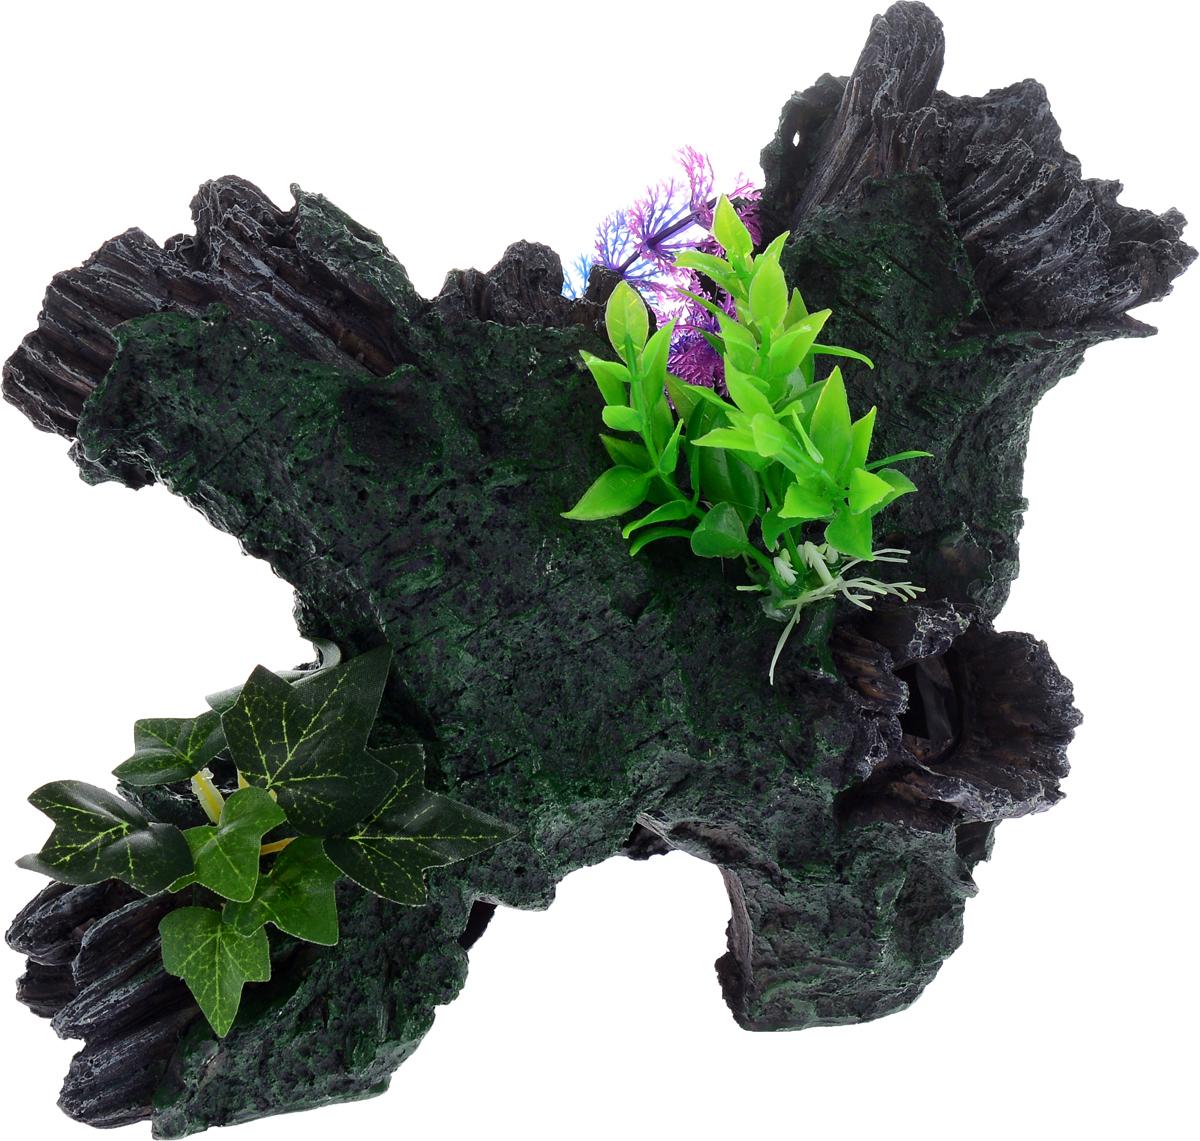 """Декорация для аквариума Barbus """"Коряга с растением"""", цвет: серый, зеленый, 30,5 х 20 х 20,5 см"""